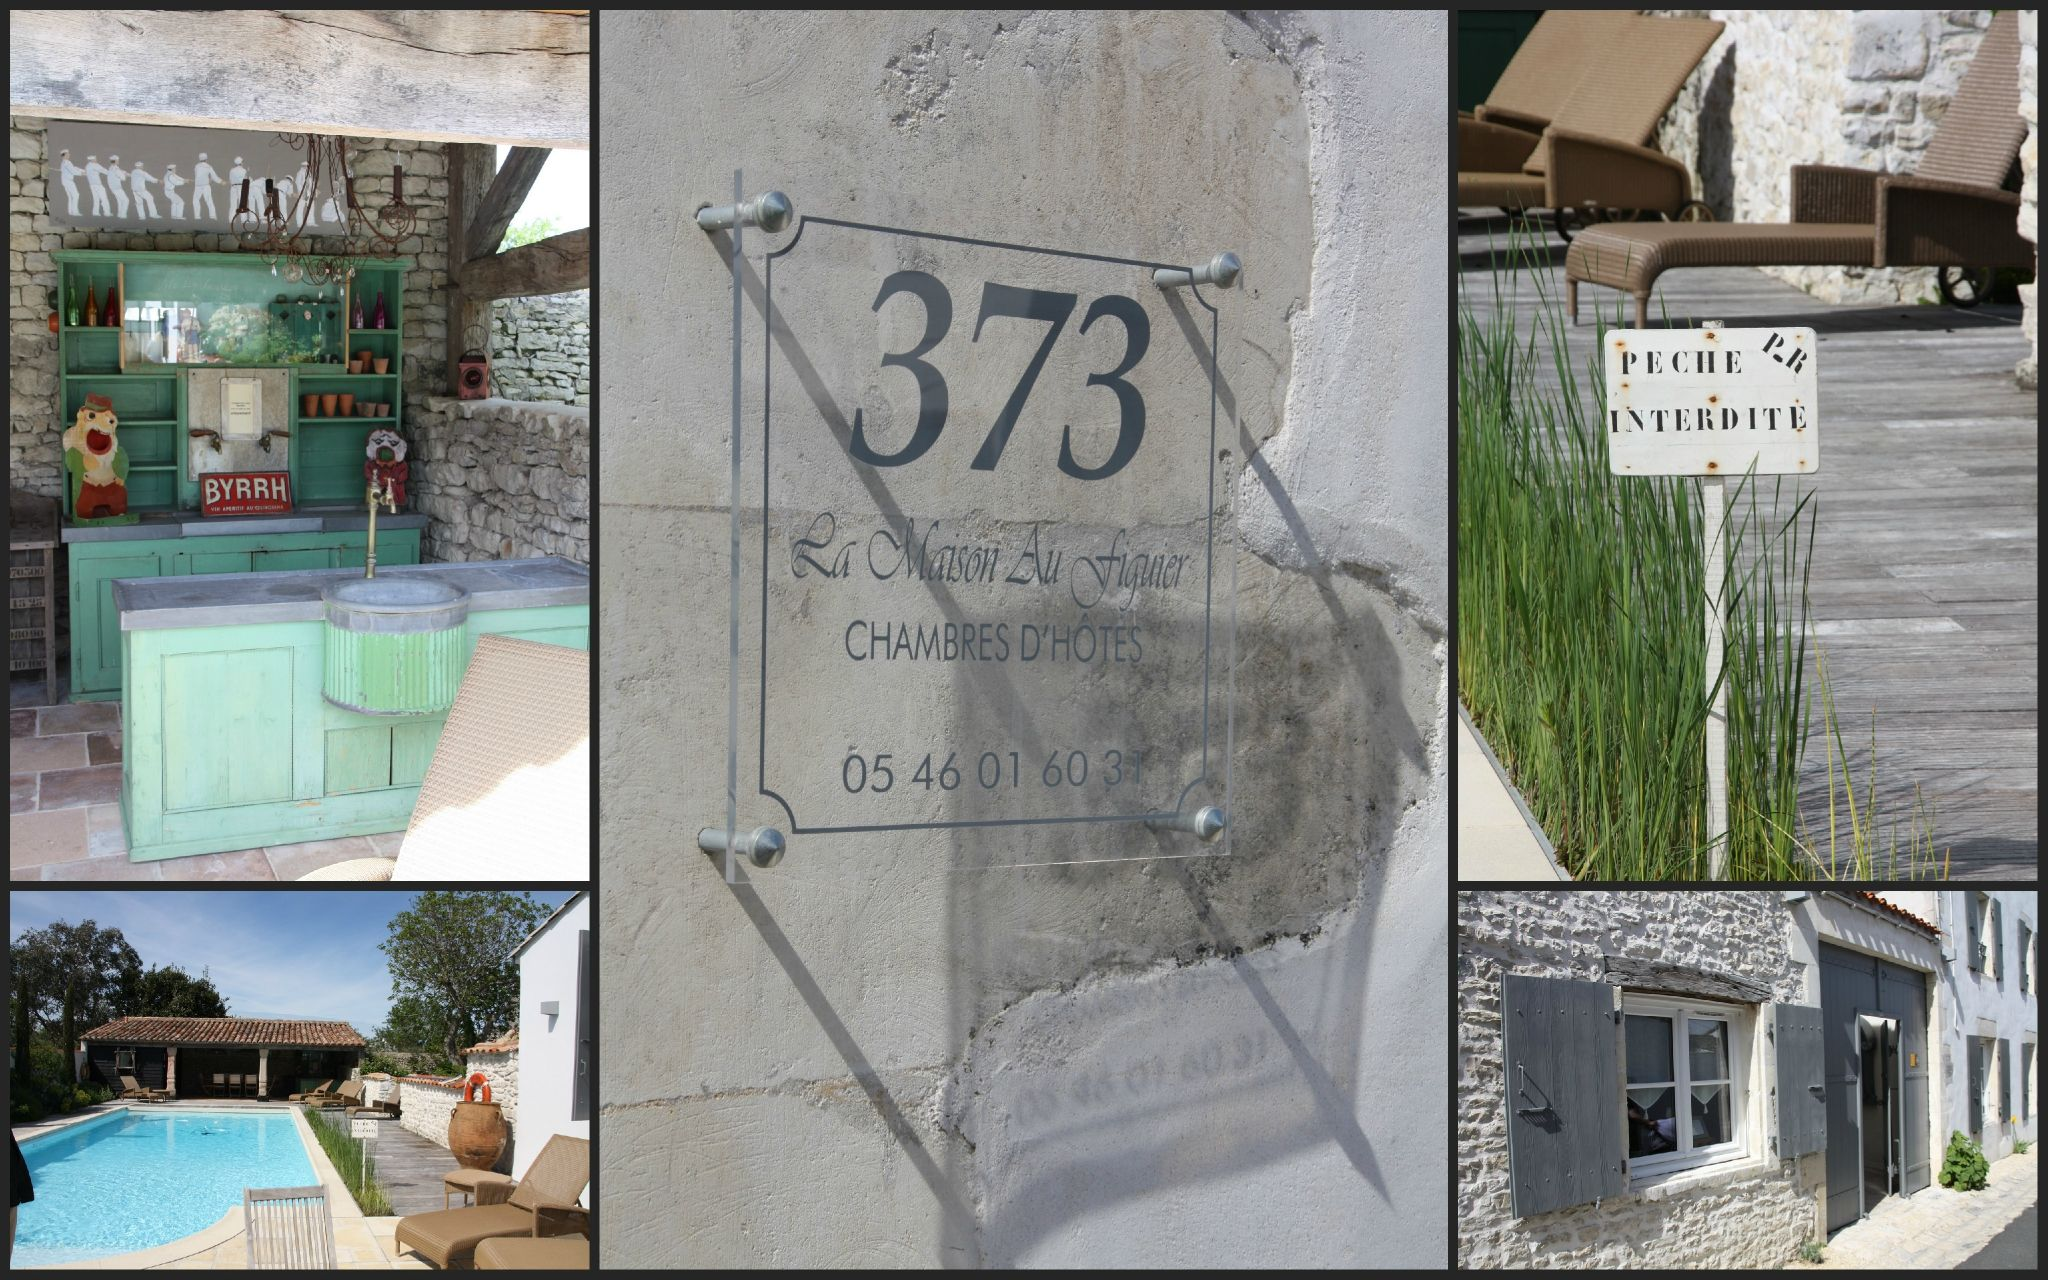 Chambre d 39 h te la maison au figuier a l 39 ile de - Chambre d hote les portes en re ...